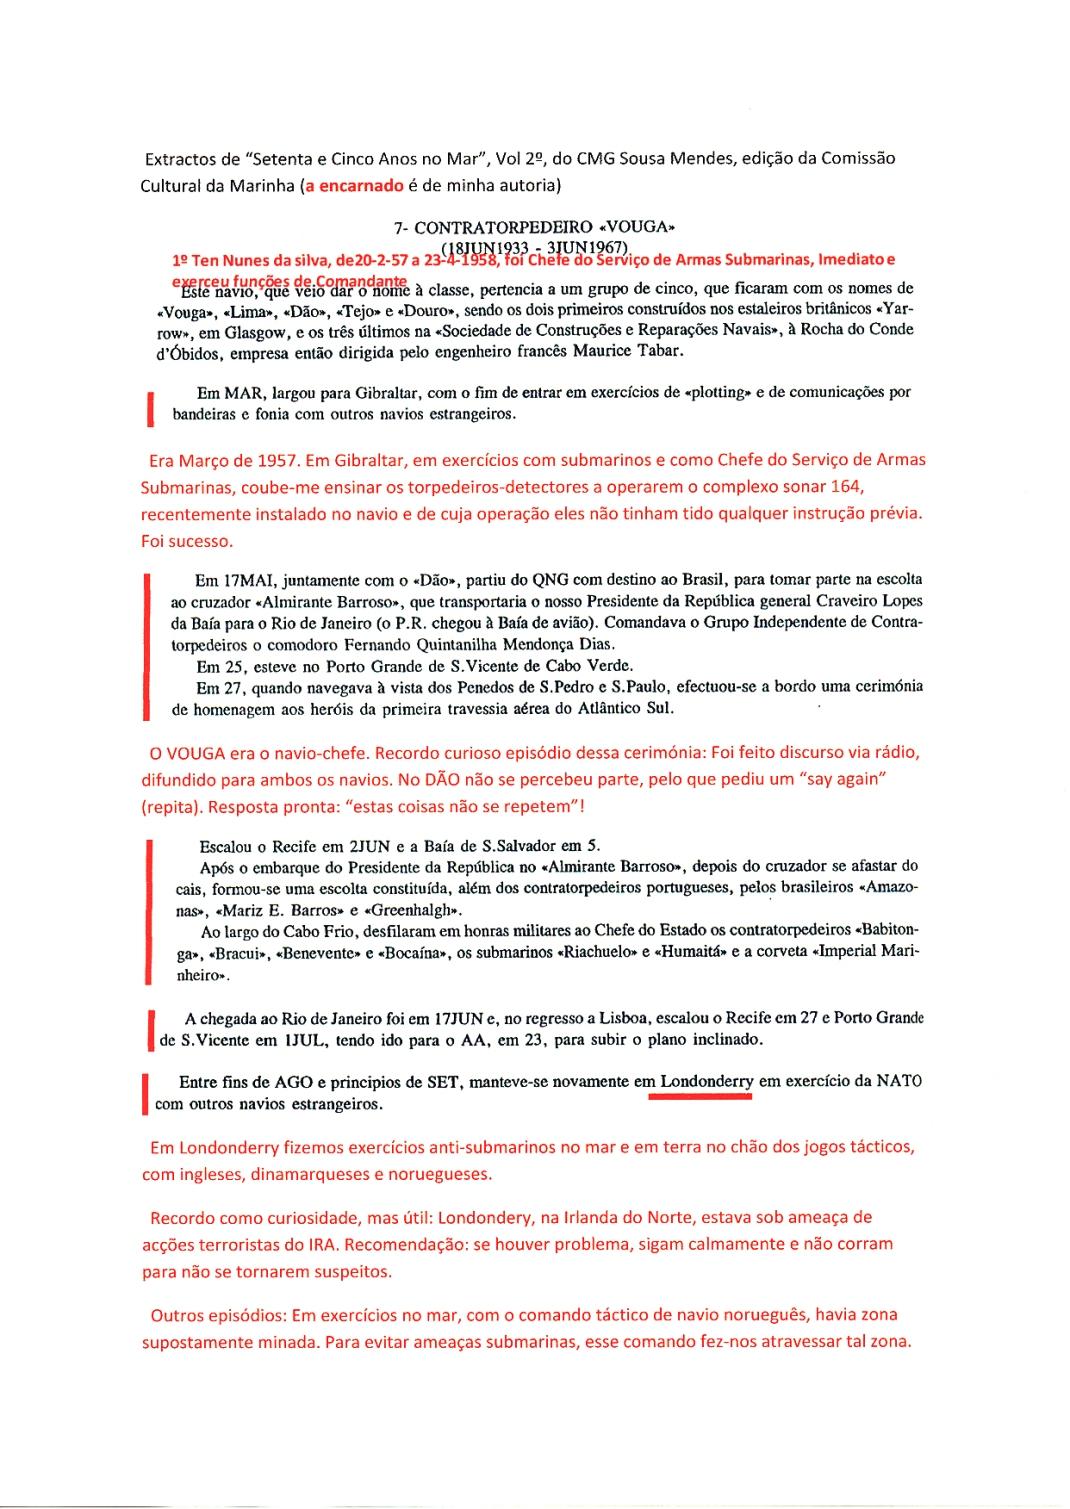 00311 Minhas comissões no VOUGA-Setenta e Cinco Anos no Mar, Vol 2º